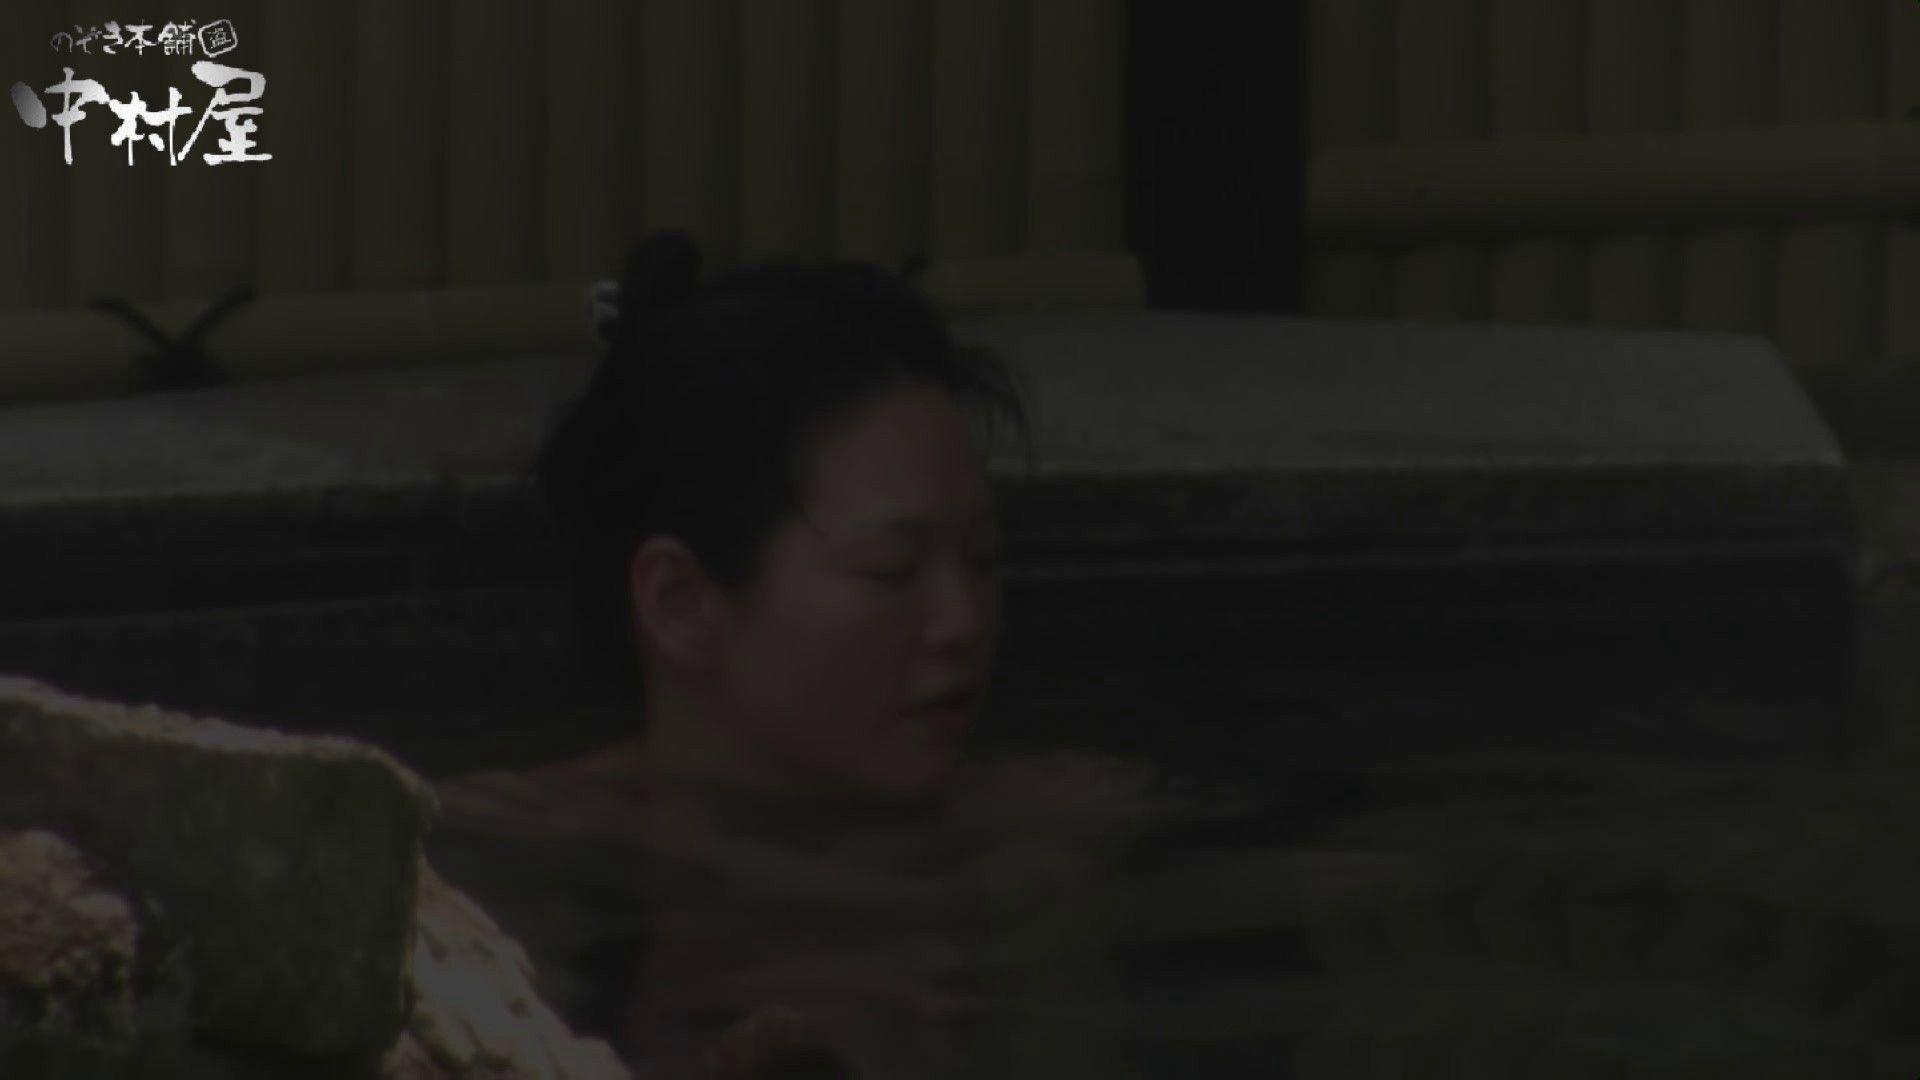 Aquaな露天風呂Vol.927 OLのエロ生活  89連発 54